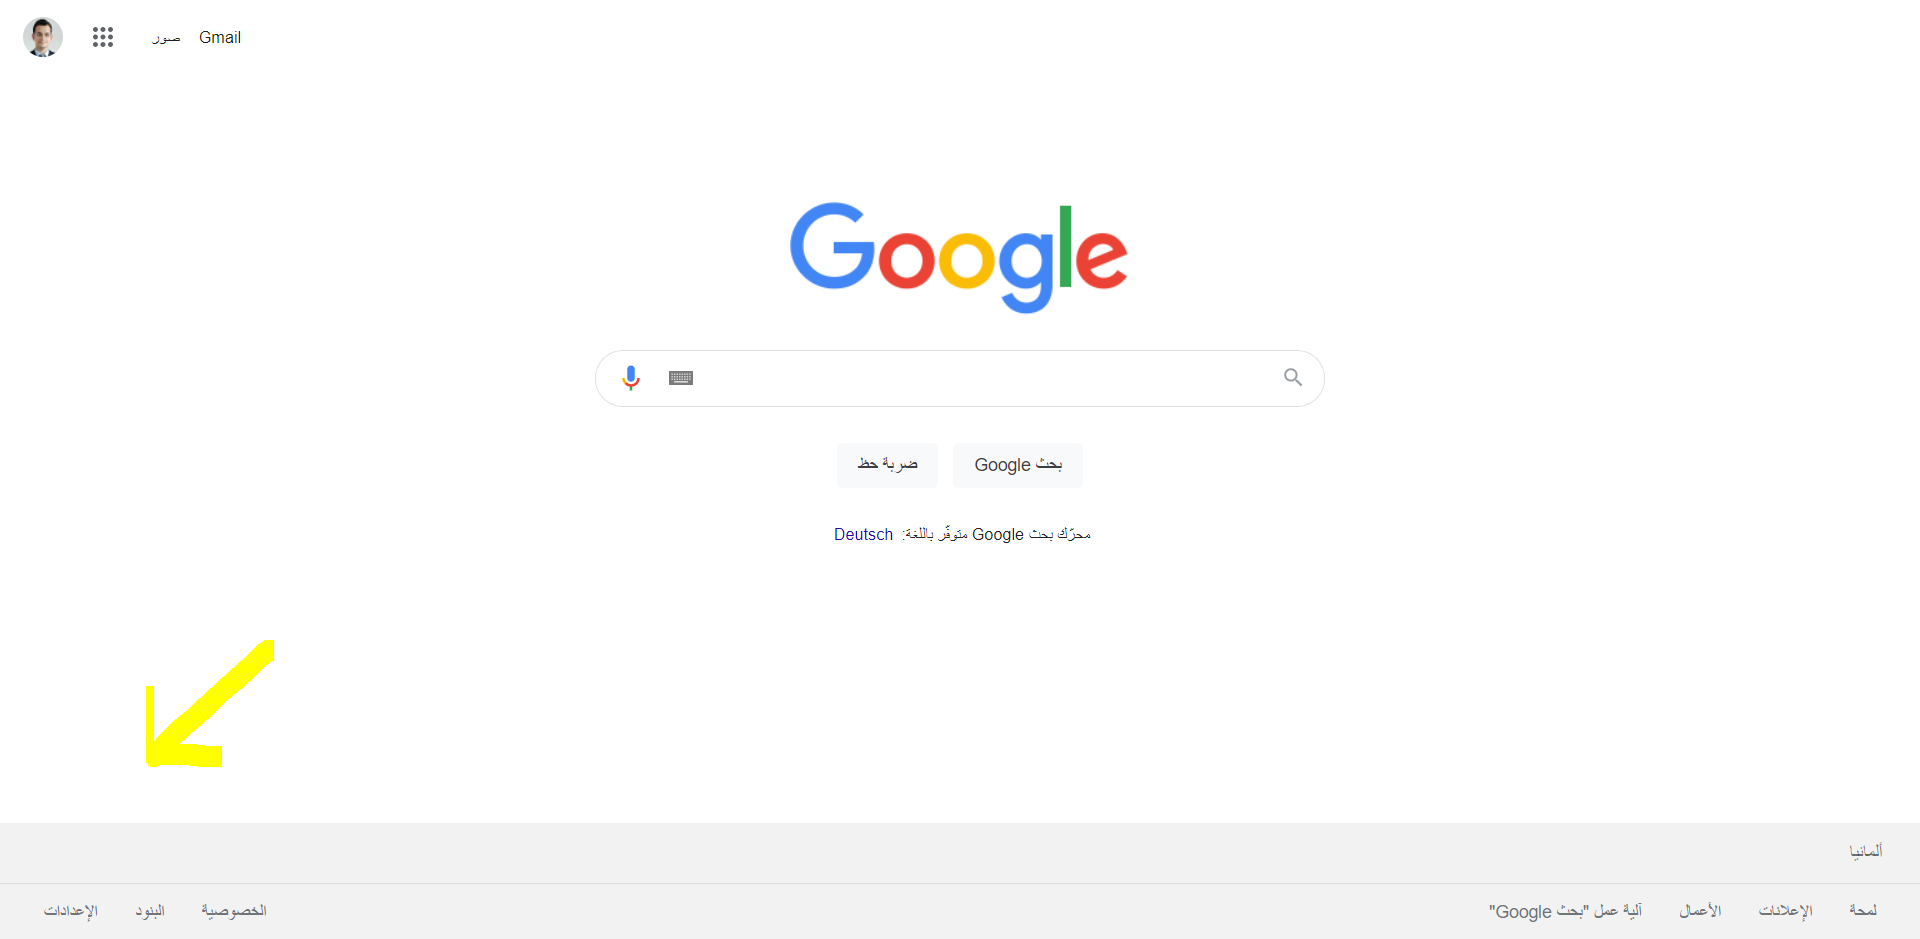 الذهاب إلى إعدادات جوجل الرئيسية